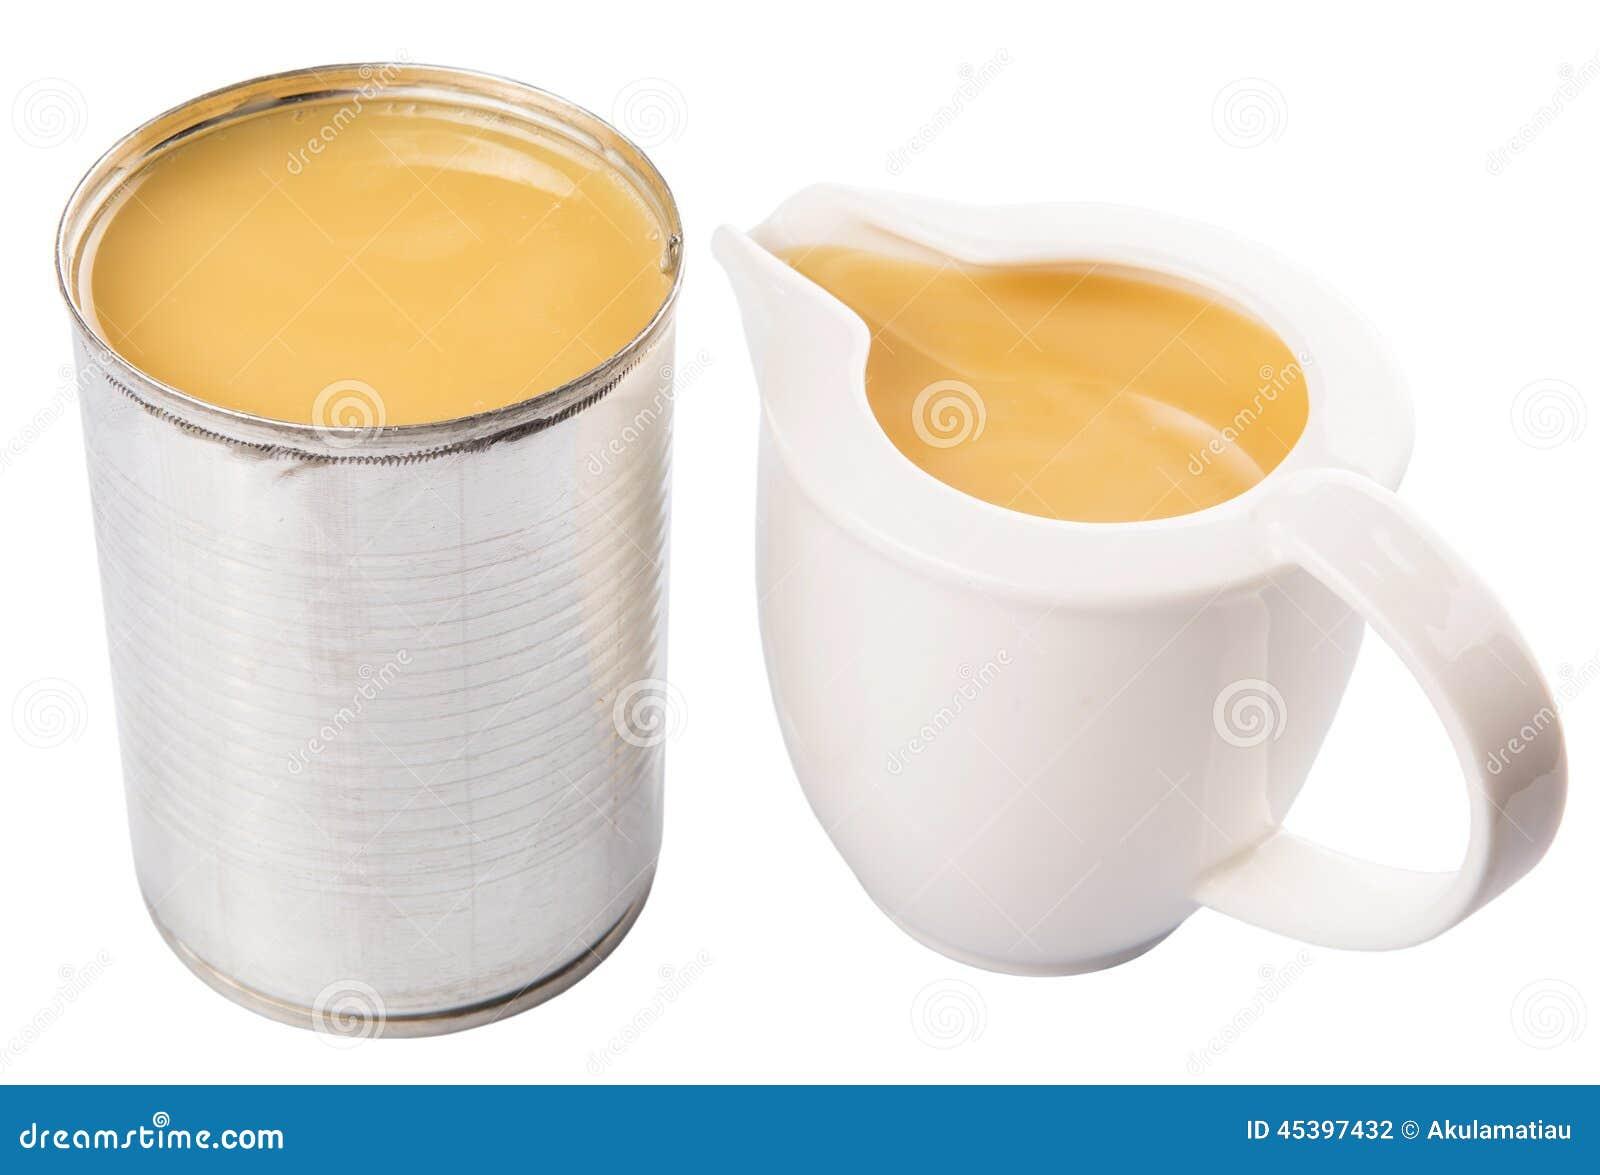 Сконденсированное молоко в контейнере i жестяной коробки и молока